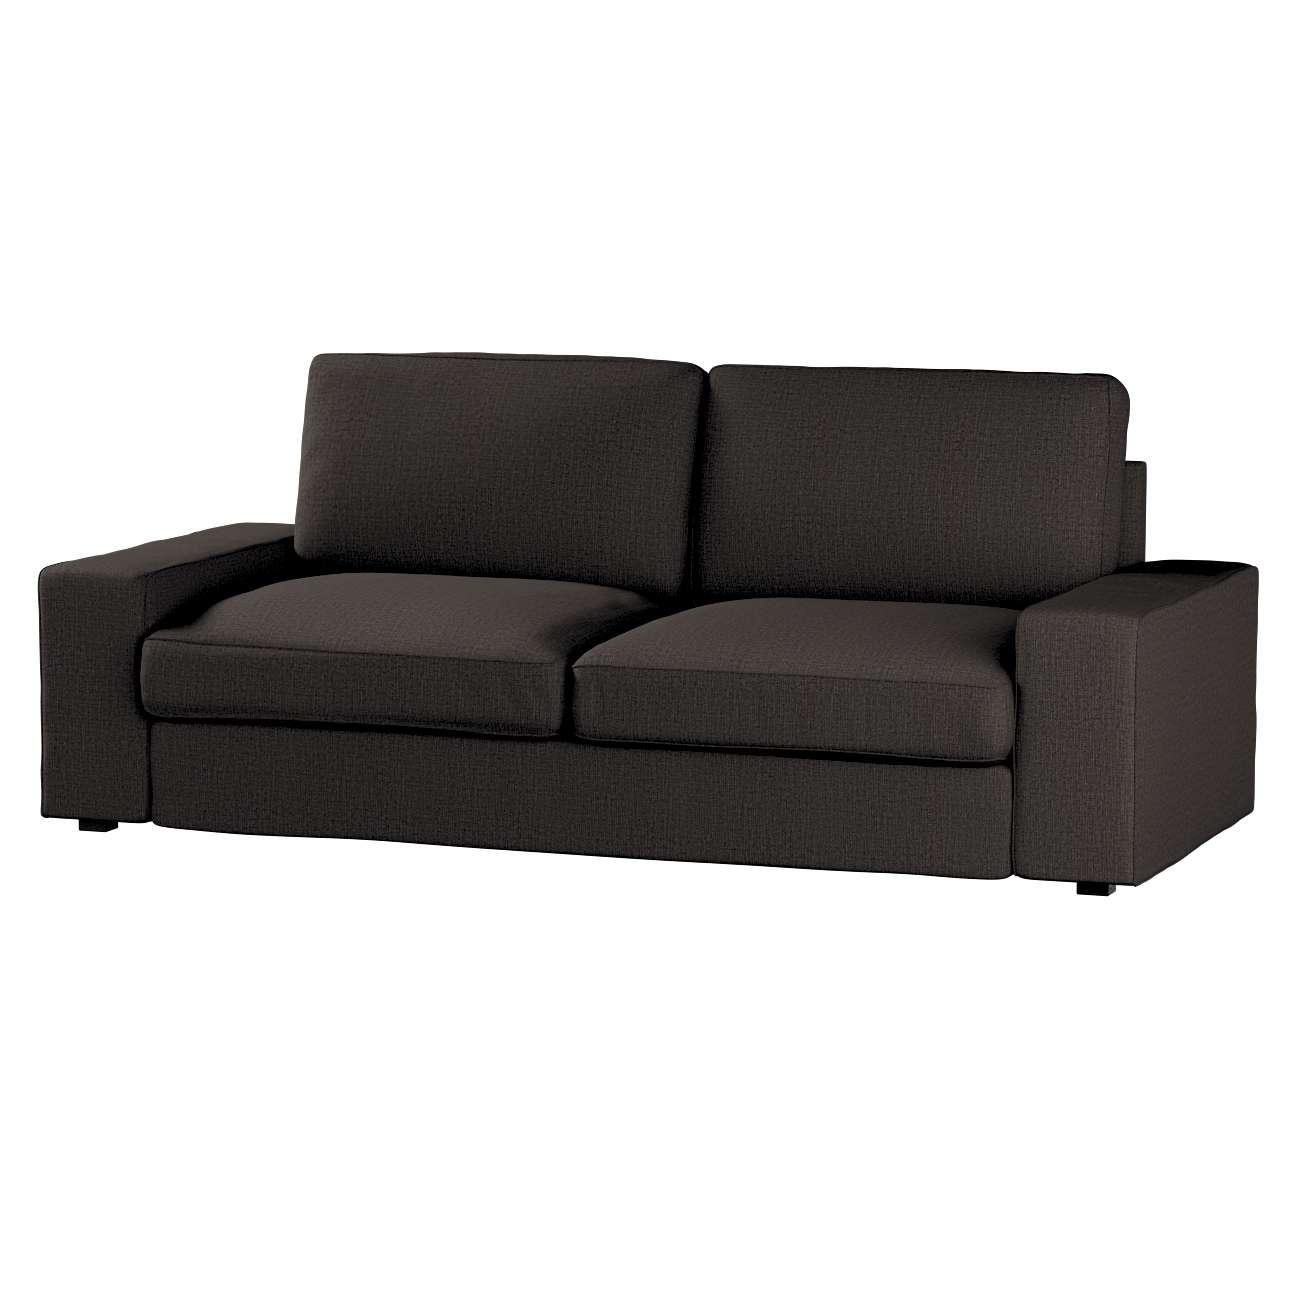 Pokrowiec na sofę Kivik 3-osobową, rozkładaną Sofa Kivik 3-osobowa rozkładana w kolekcji Vintage, tkanina: 702-36